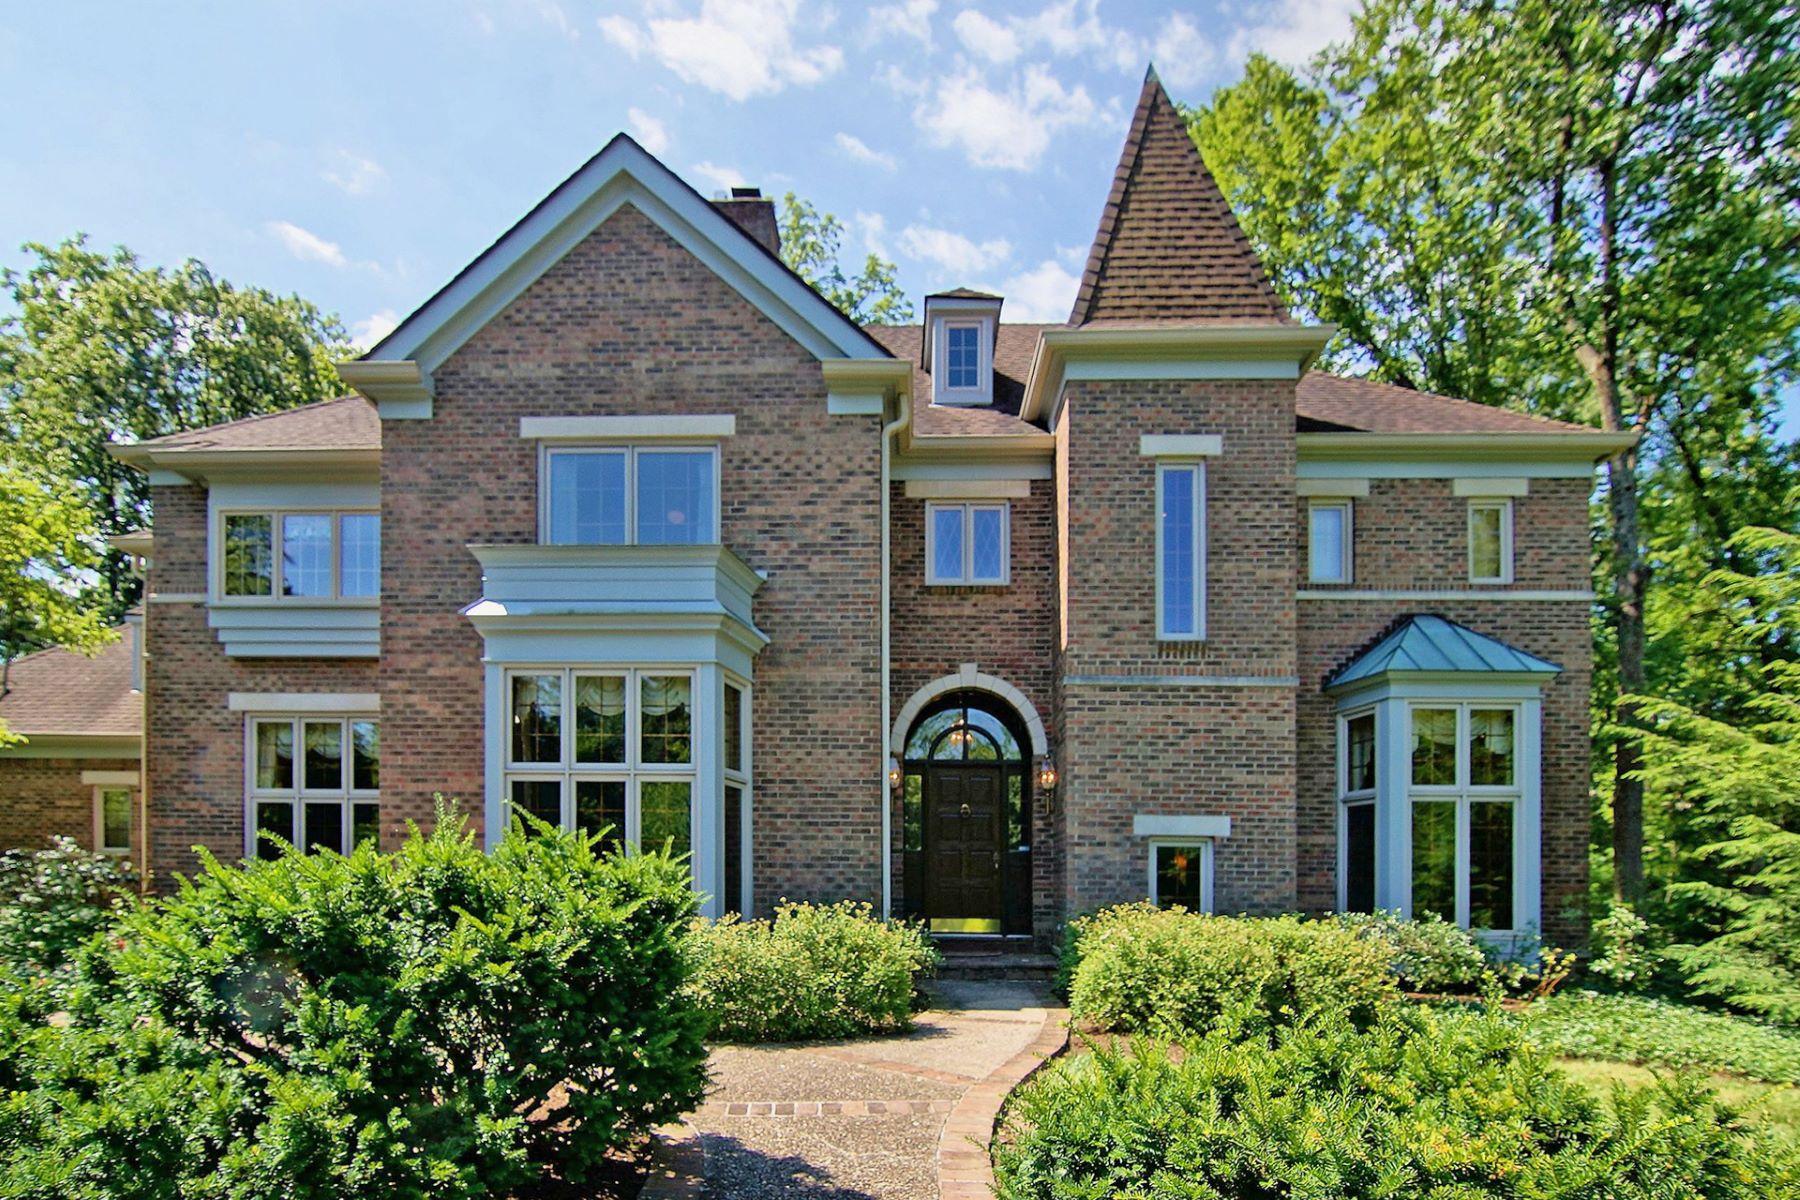 Maison unifamiliale pour l à vendre à European style Chateau 7357 Eastborne Rd, Cincinnati, Ohio, 45255 États-Unis